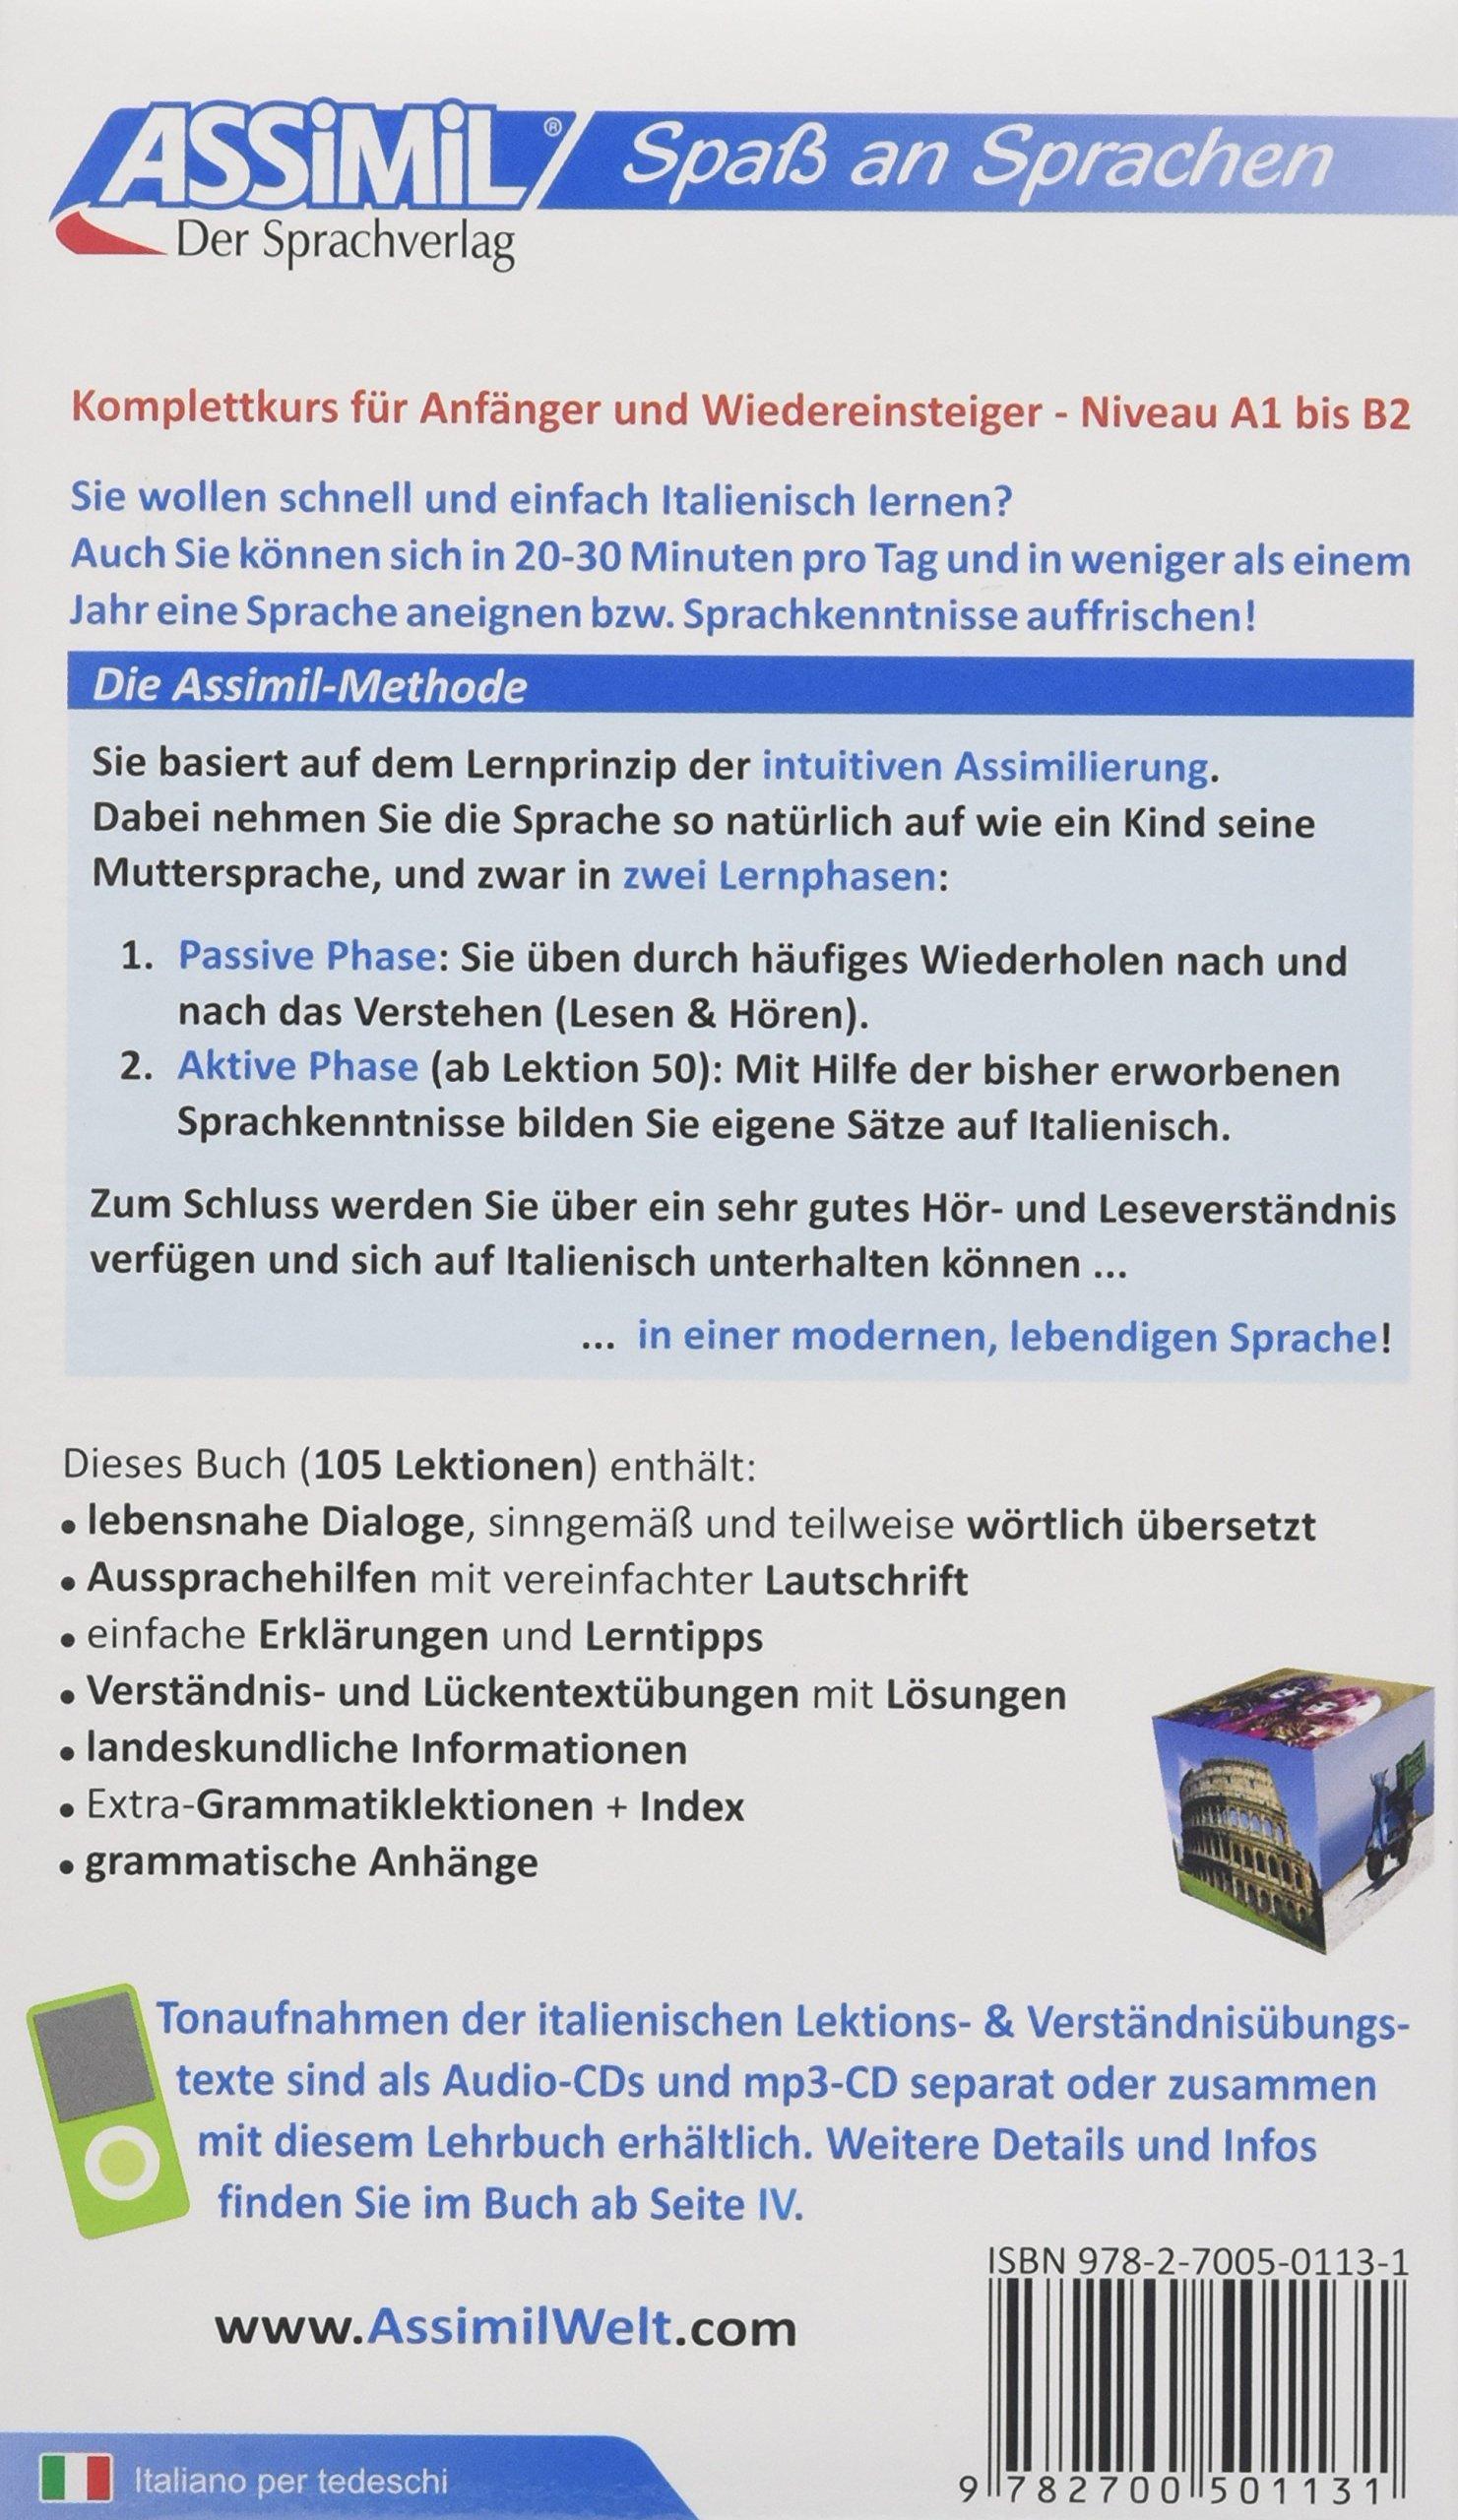 ASSiMiL Selbstlernkurs für Deutsche: Assimil. Italienisch ohne Mühe ...